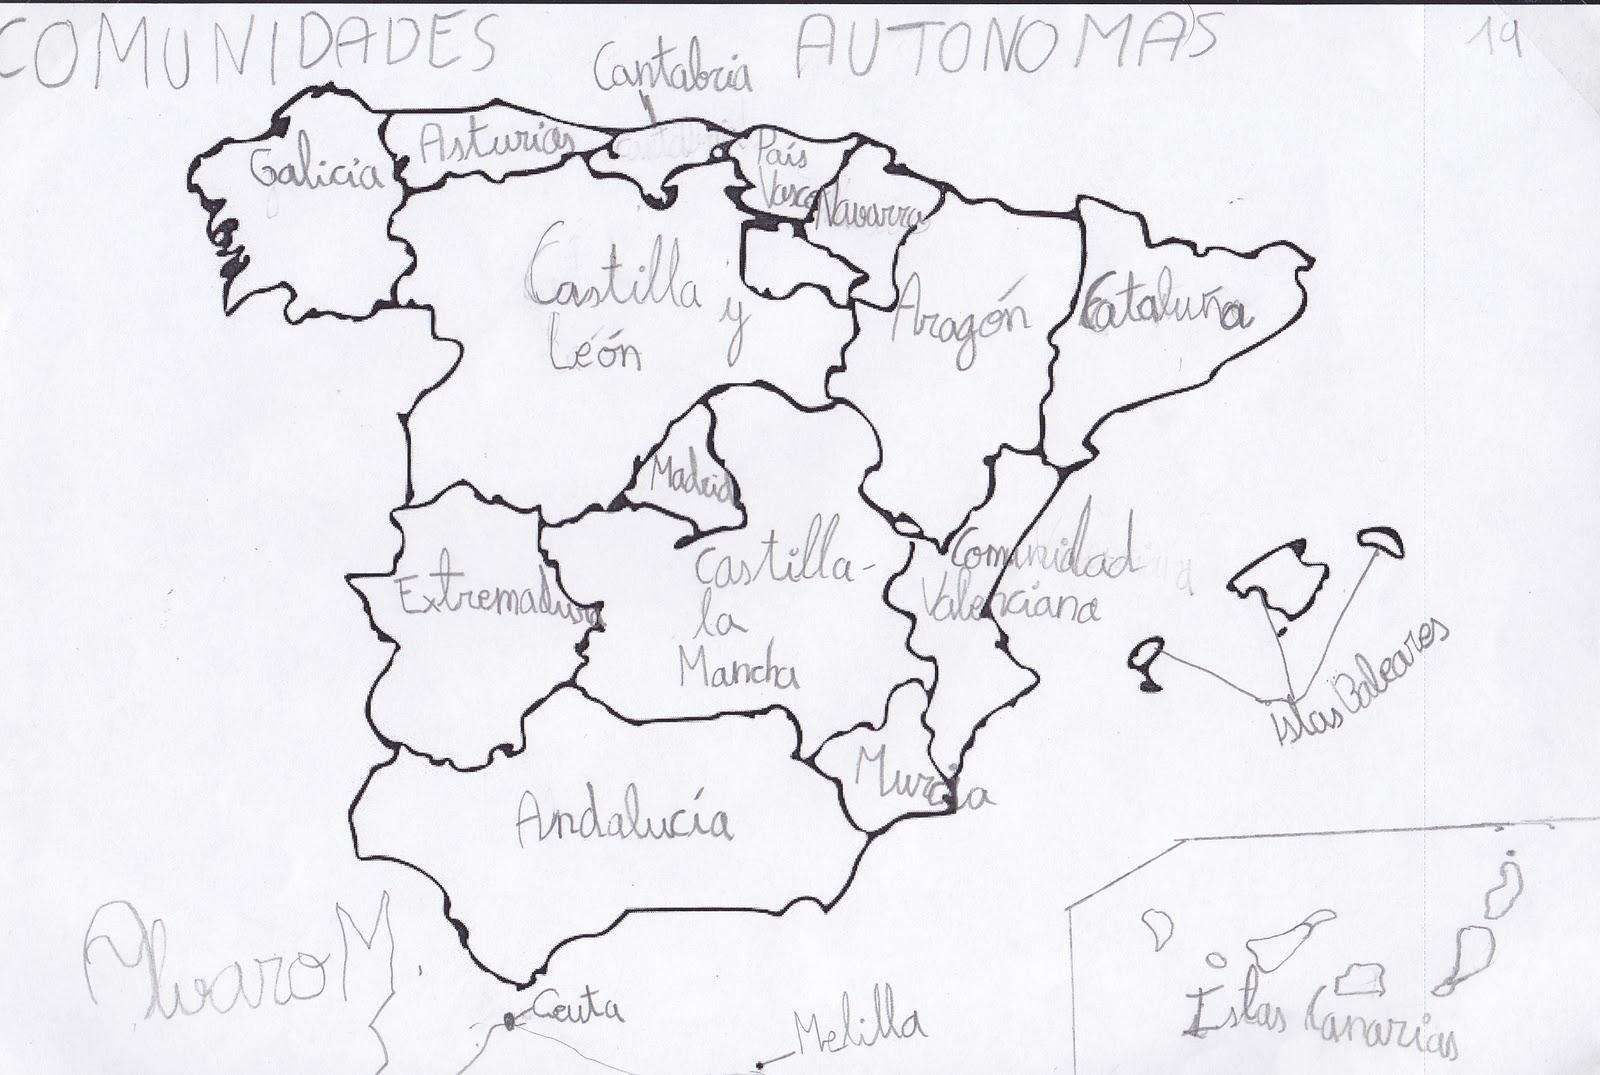 Ceip El Zargal Second Grade Comunidades Autonomas